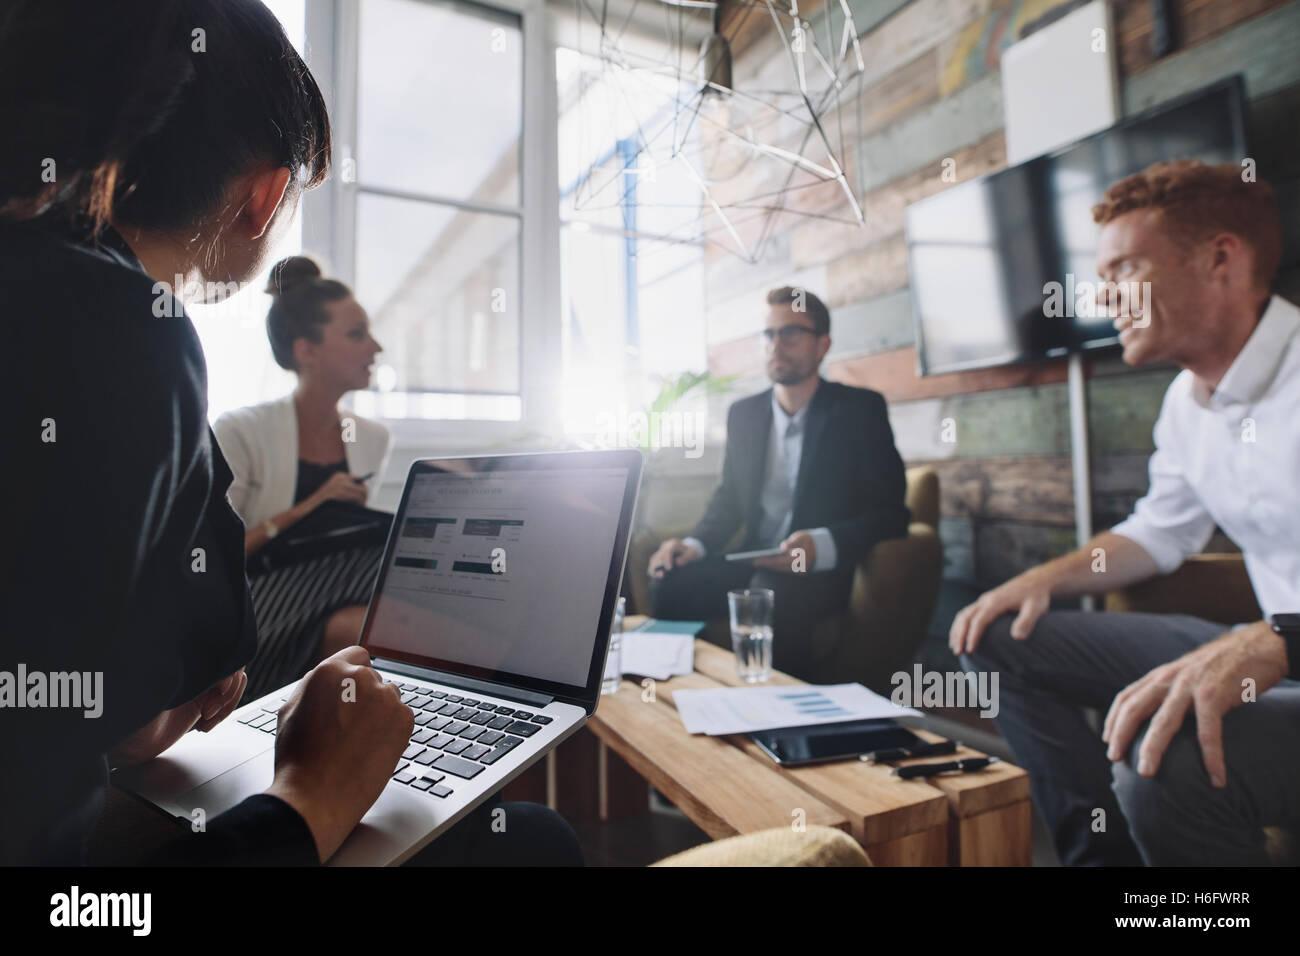 Geschäftsfrau arbeiten am Laptop sitzen in Treffen mit Kollegen. Geschäftsleute im Tagungsraum. Stockbild